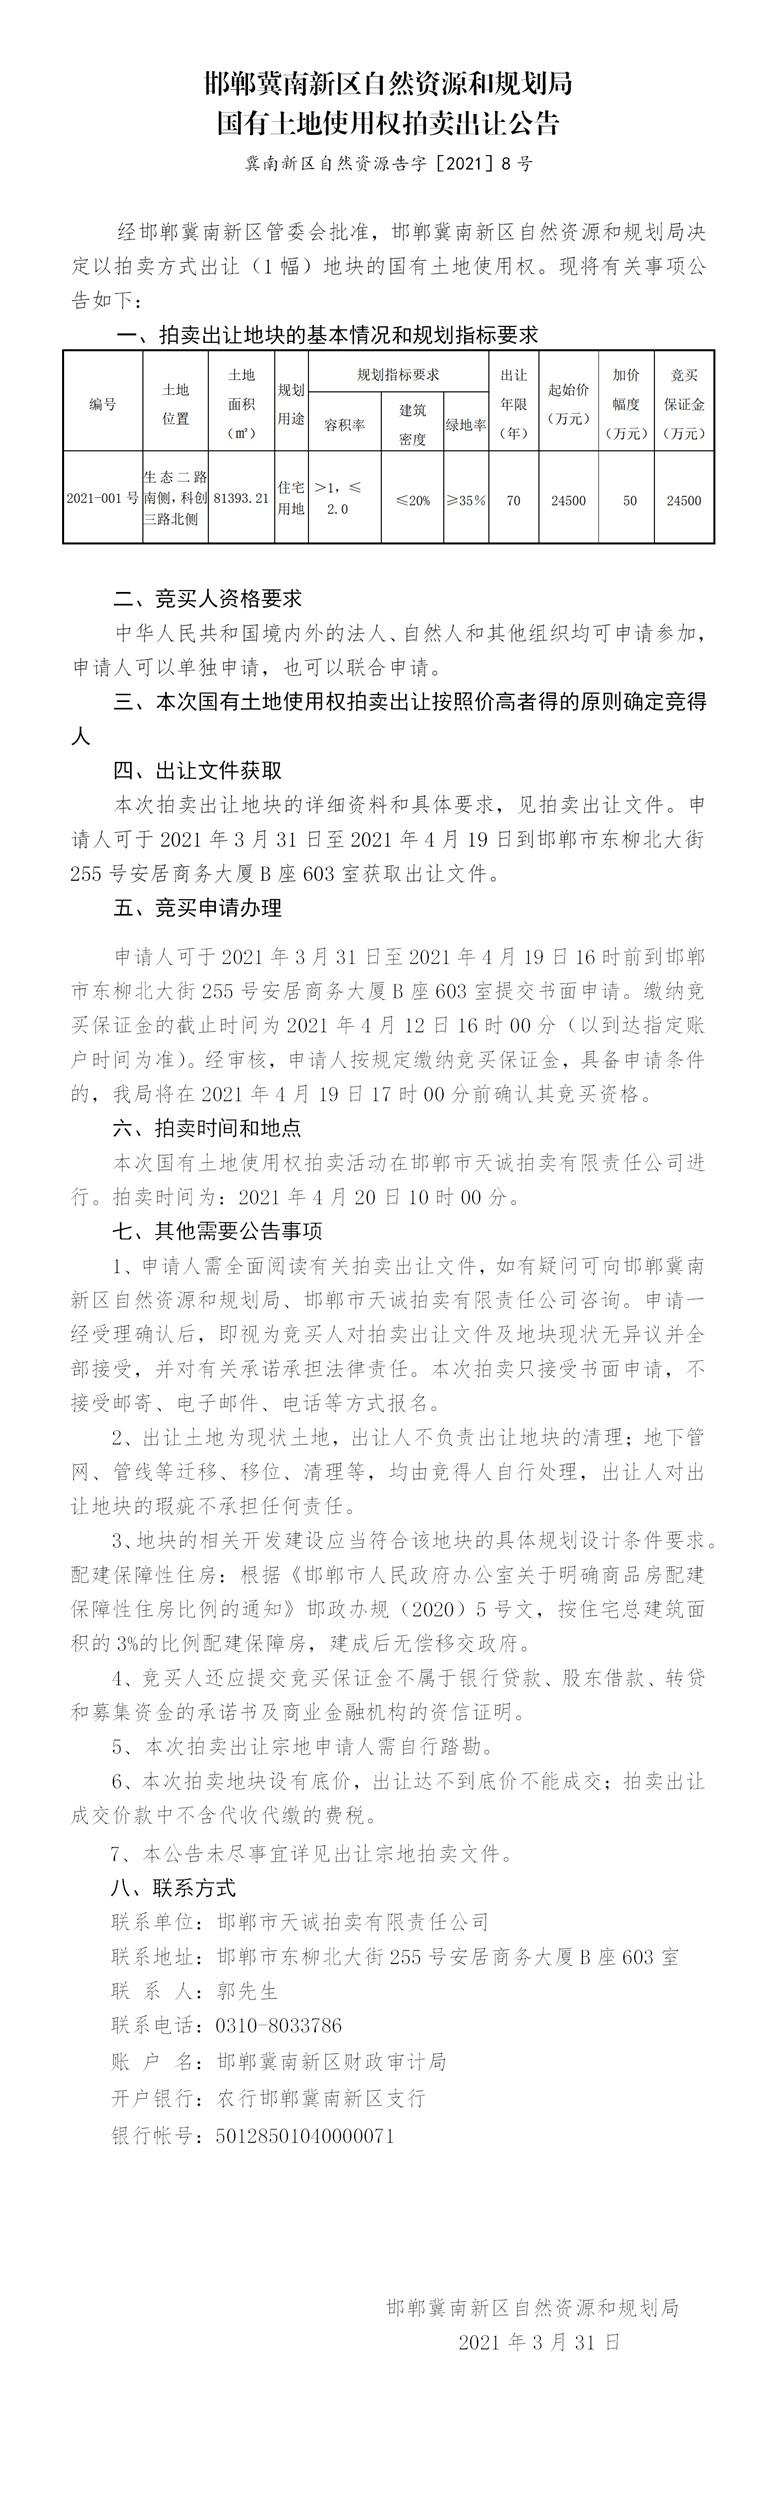 起拍价2.45亿,冀南新区122亩住宅用地再次挂牌!